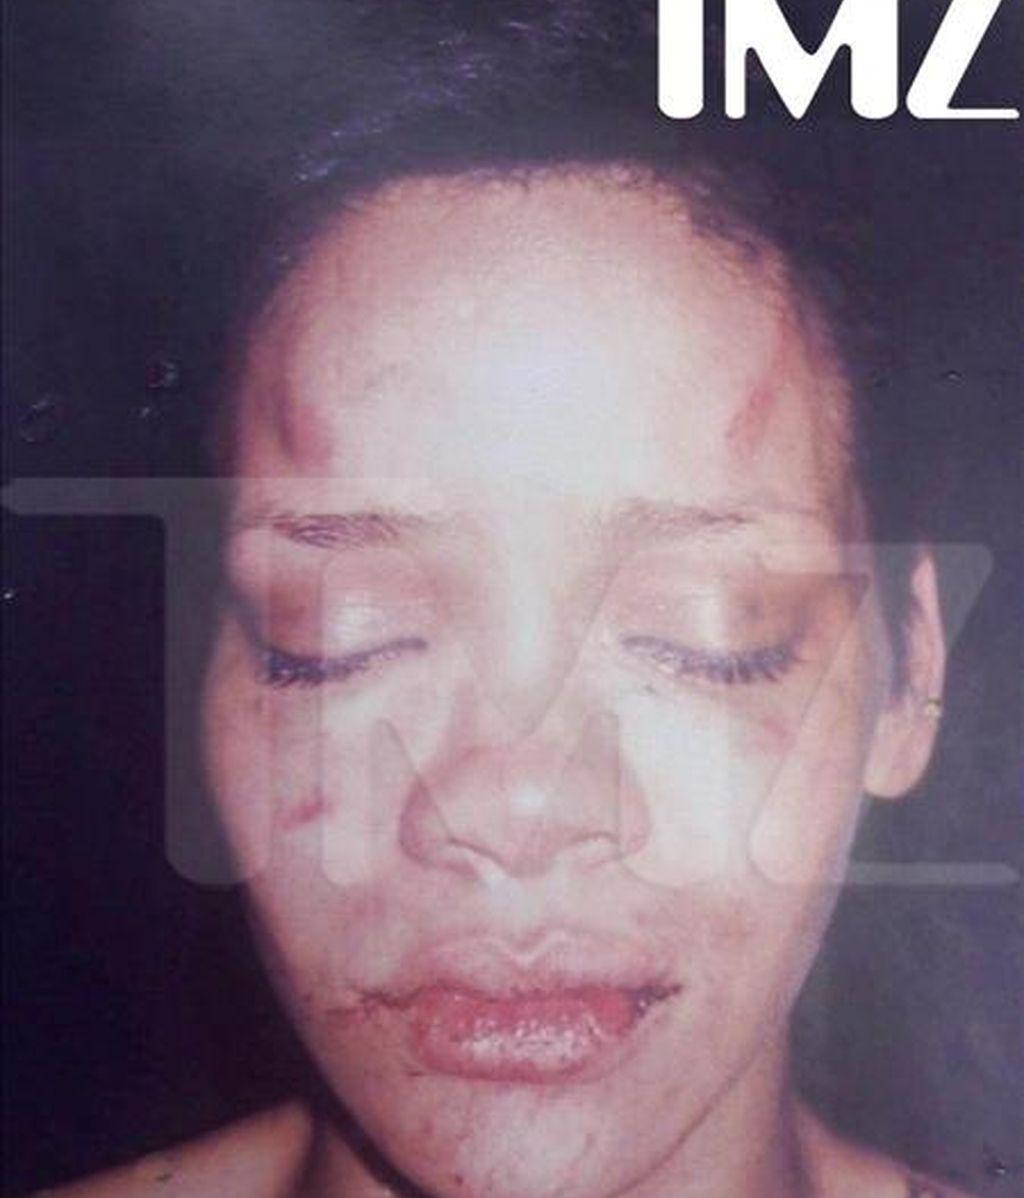 Fotografía cedida por TMZ en la que se observa a la cantante originaria de Barbados Rihanna con las secuelas de la agresión que sufrió por parte de su novio, el también cantante Chris Brown, antes de la ceremonia de entrega de los premios Grammy. EFE